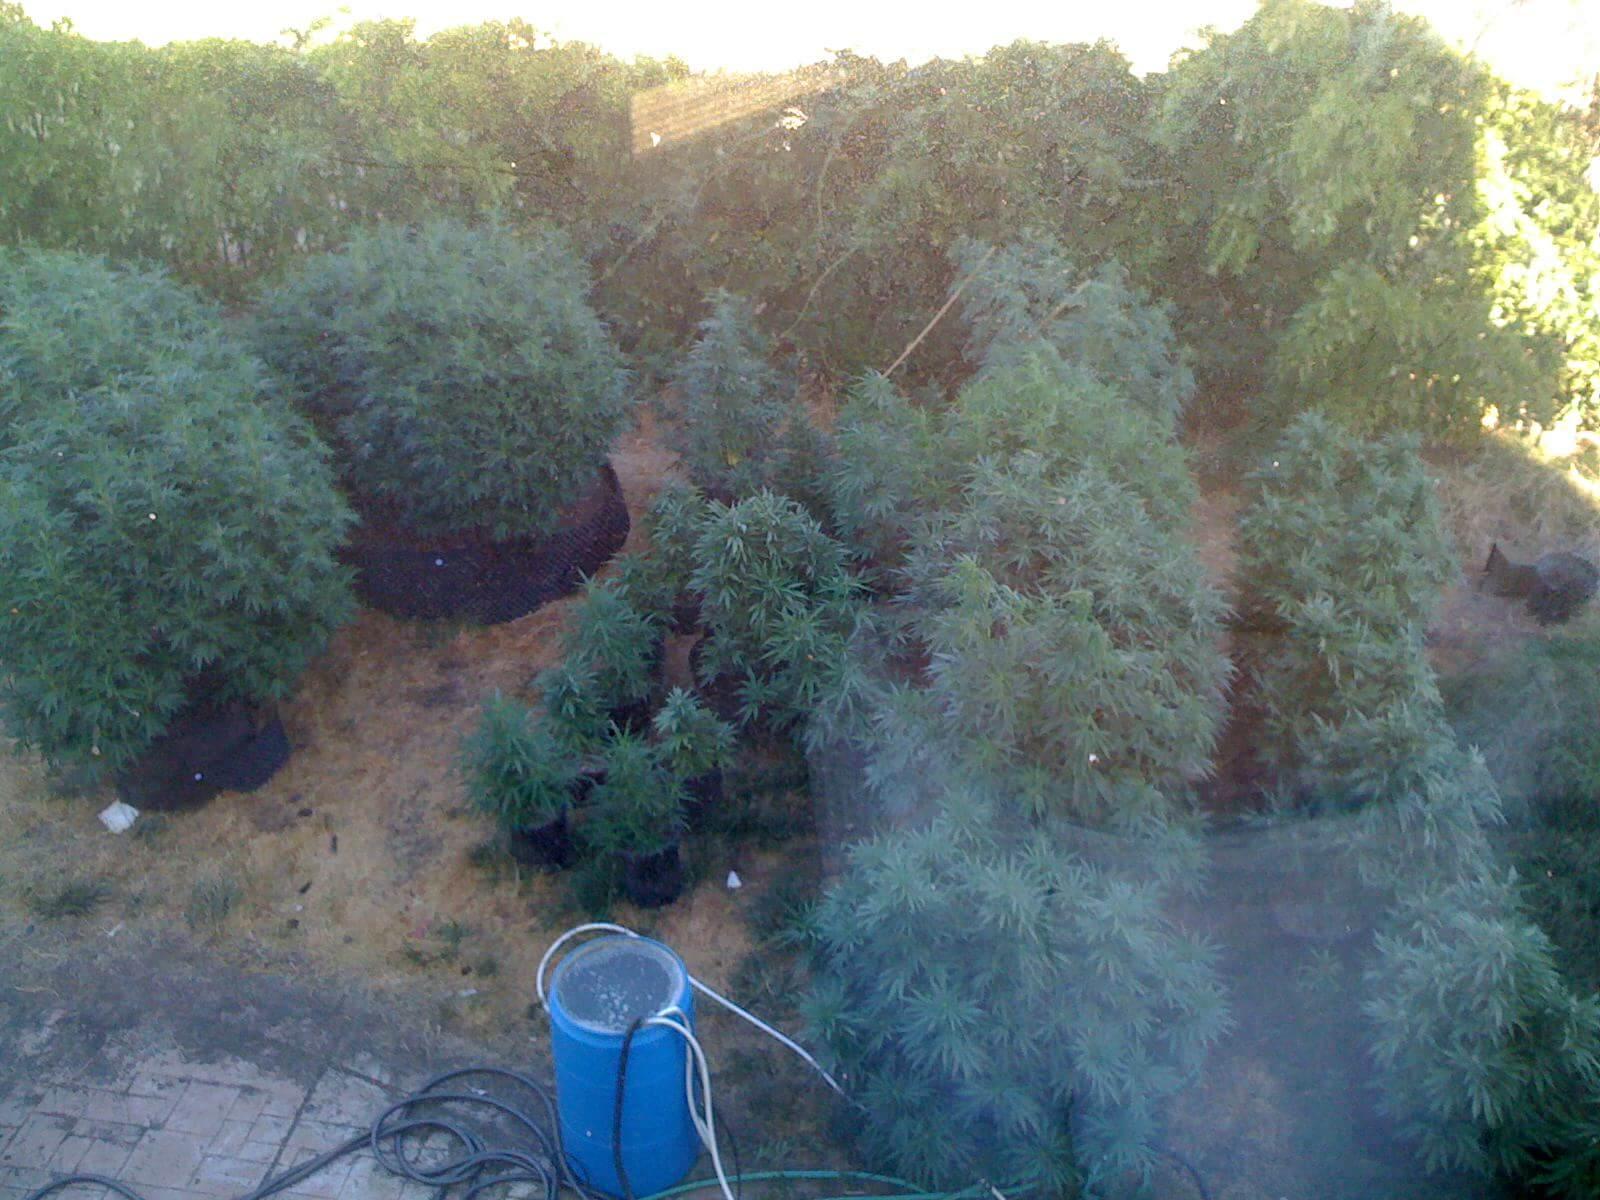 Cultivo exterior de Blueberry.............................................................................................fuente foto: california.budtrader.com